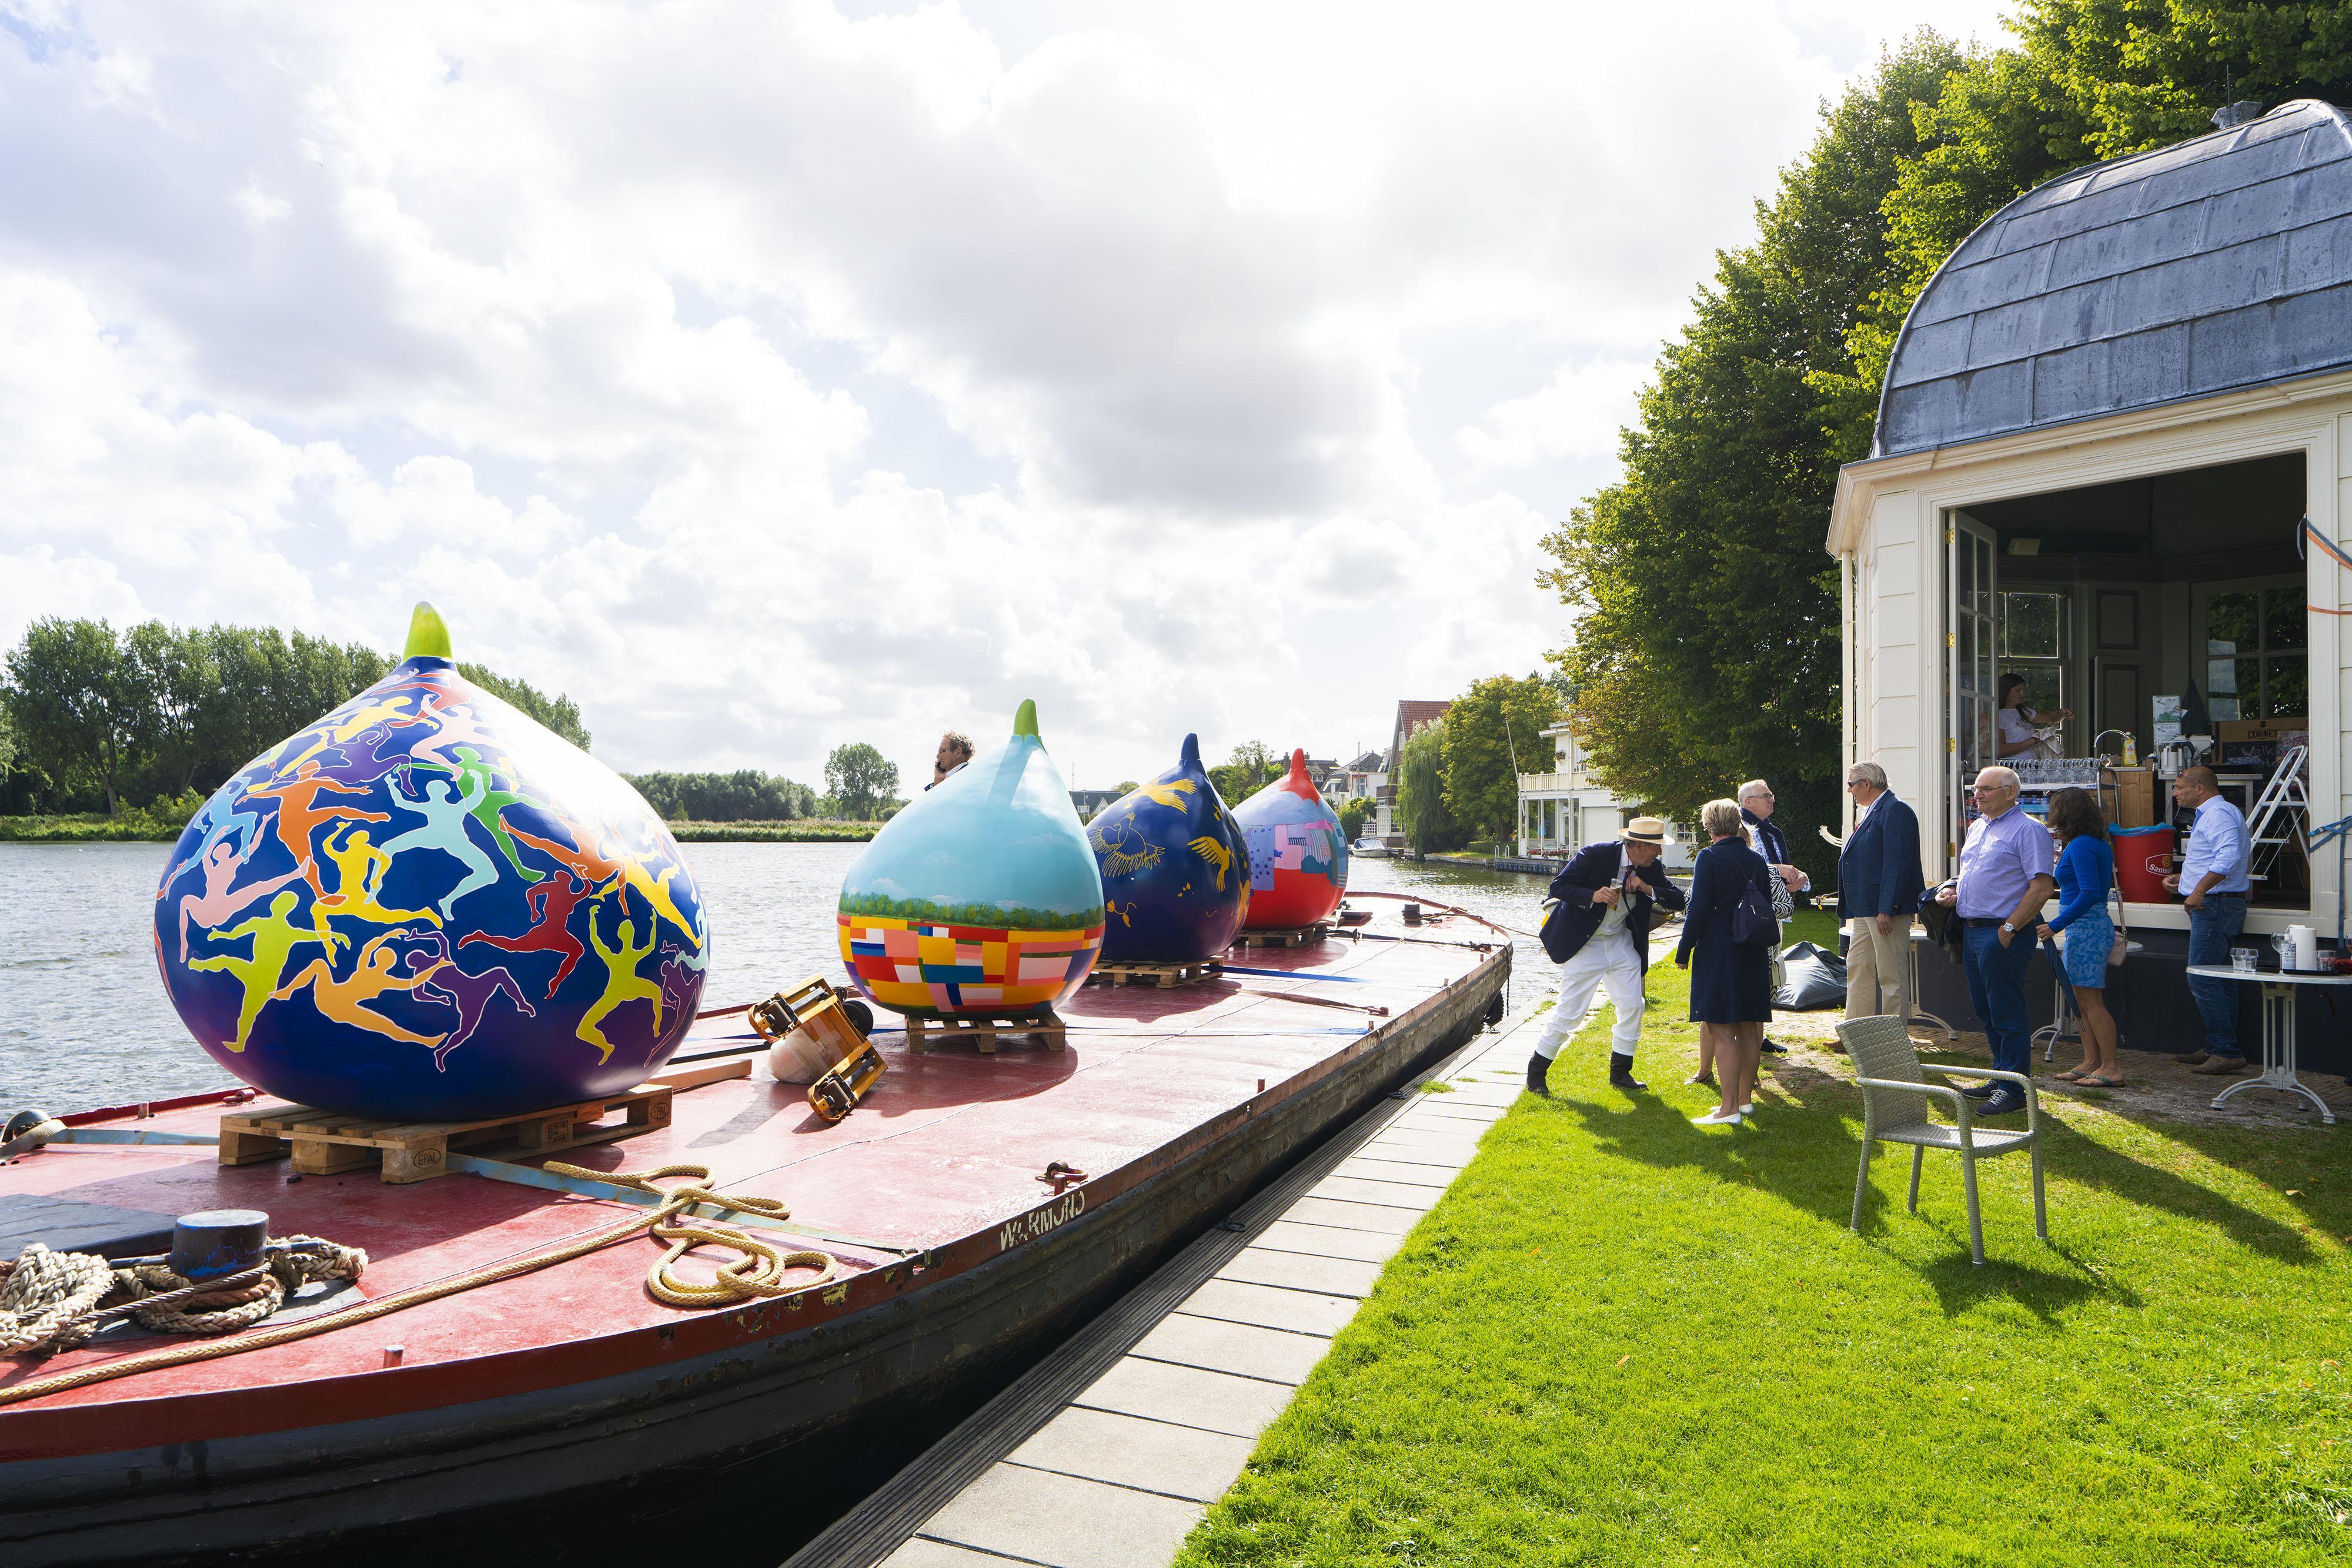 Beschilderde reuzenbollen komen voor 'adoptie' aan in Warmond